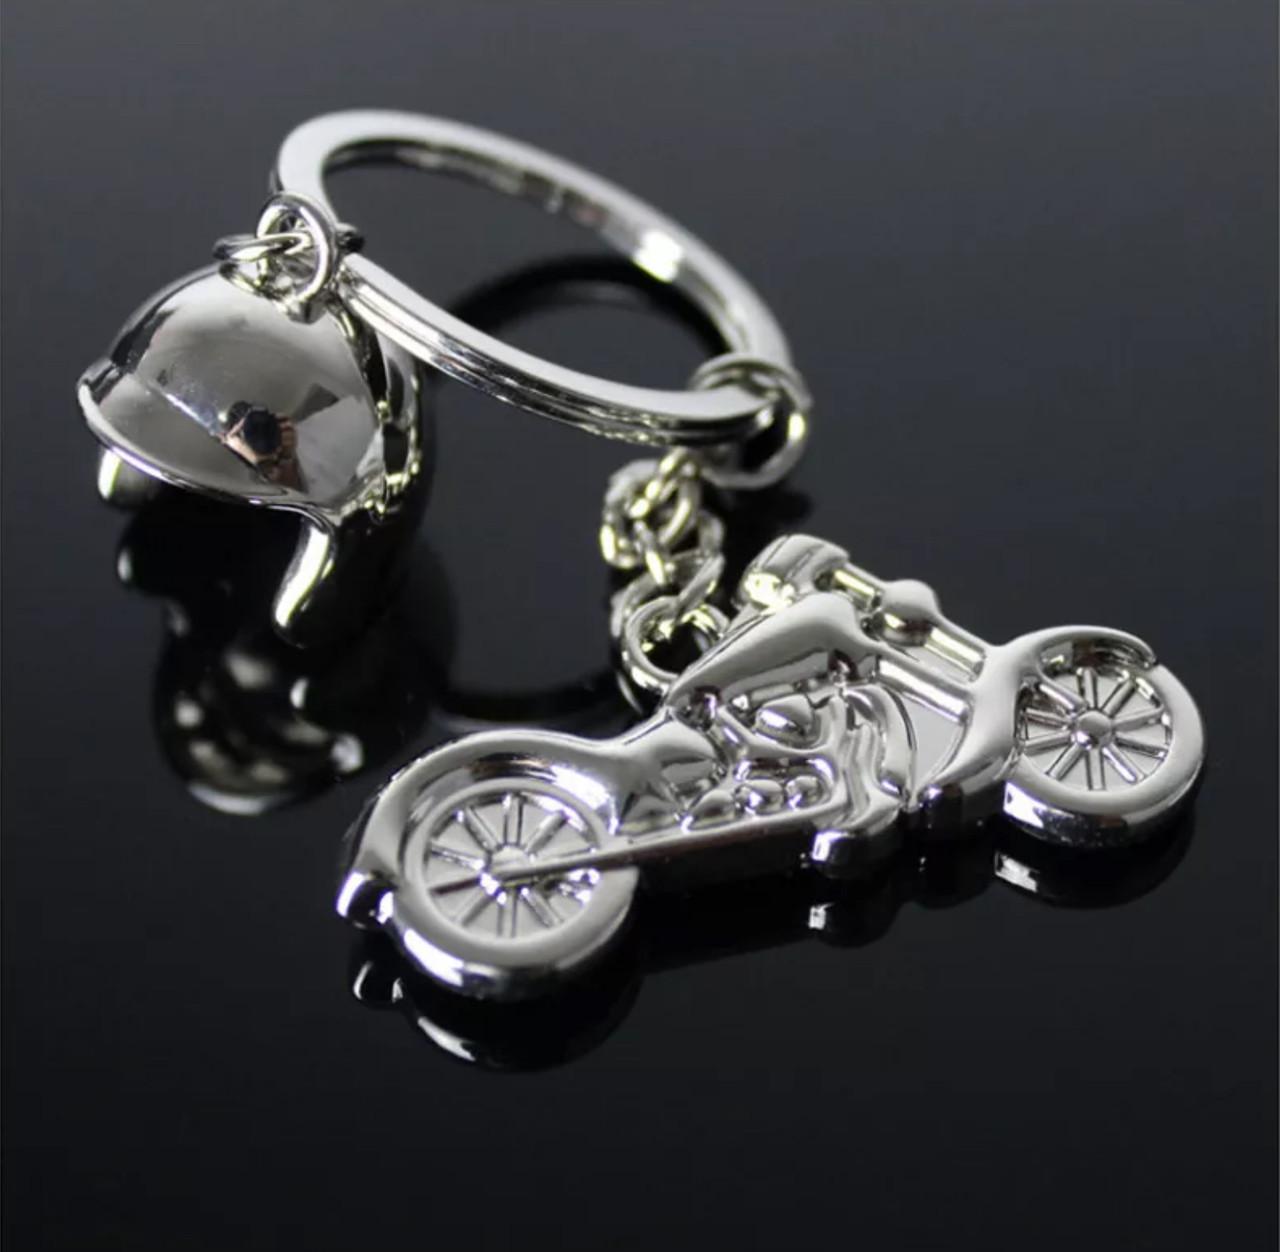 Брелок для ключей из нержавеющей стали «Мото-шлем» с двумя элементами